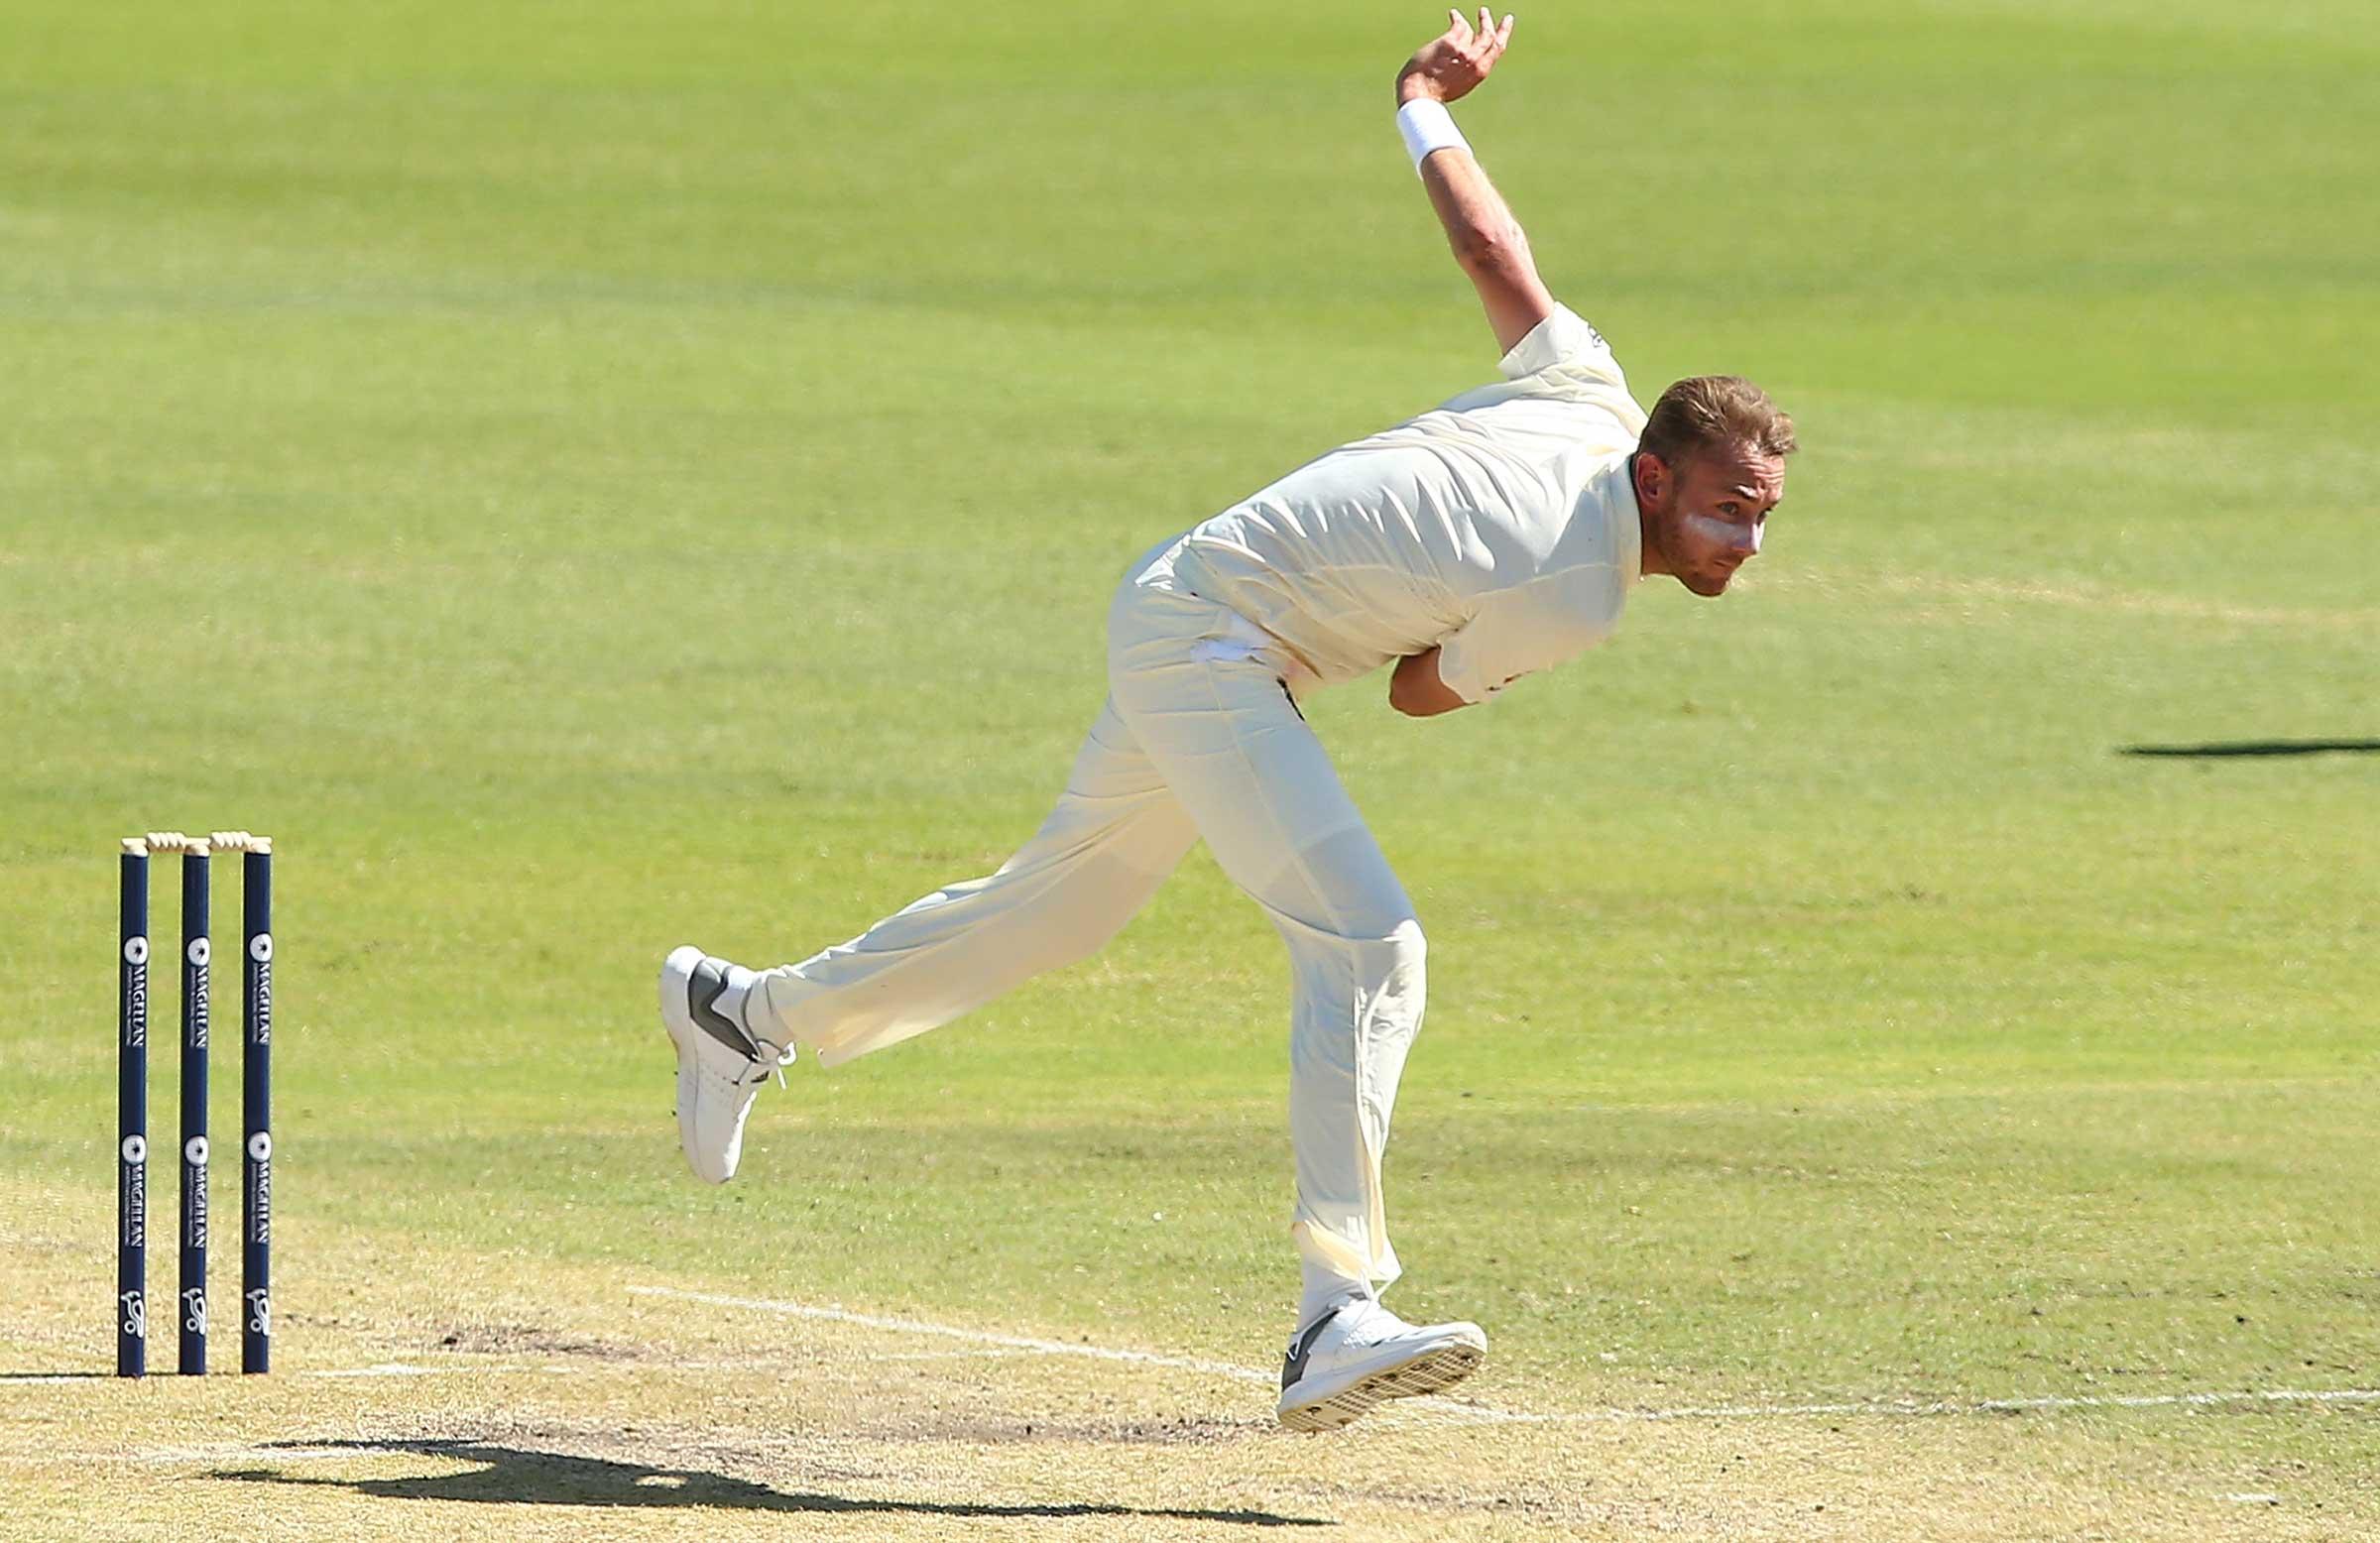 Broad to reprise Ashes villain role | cricket.com.au